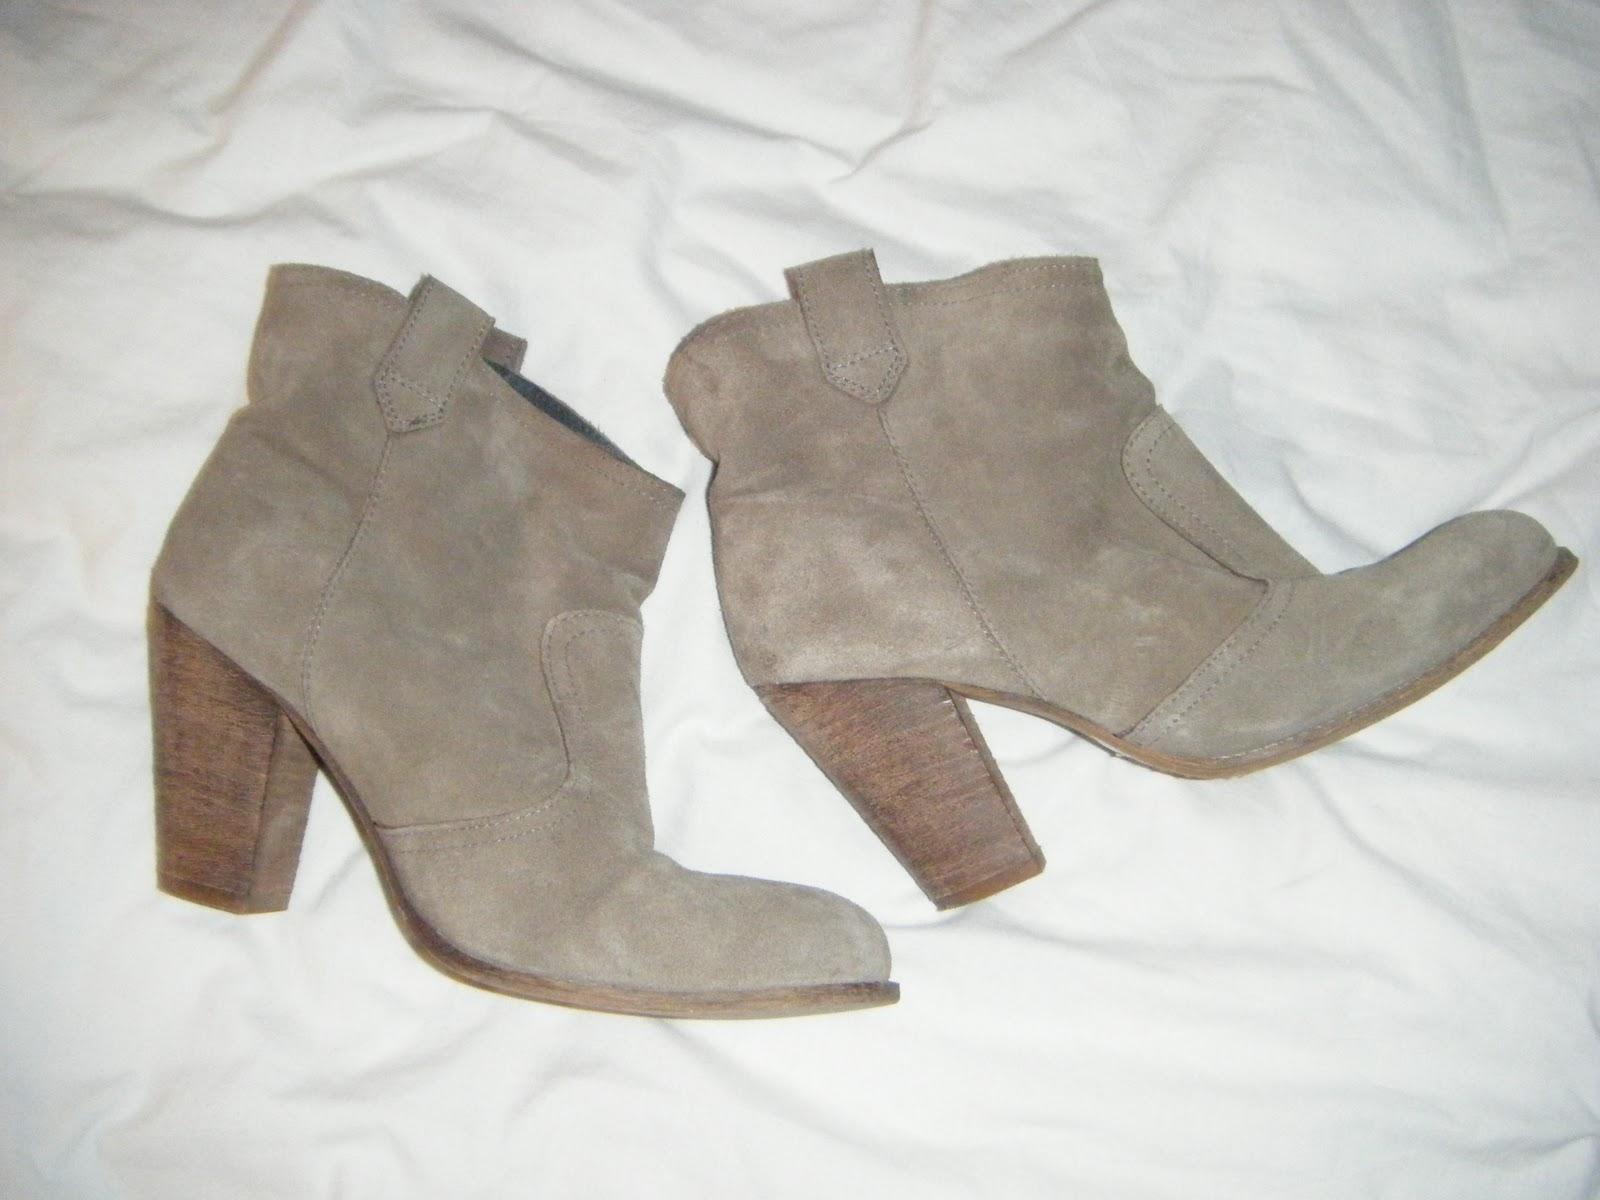 19508d2e43d823 La Trendy Braderie de Mina: Boots en daim André 40, 20 euros